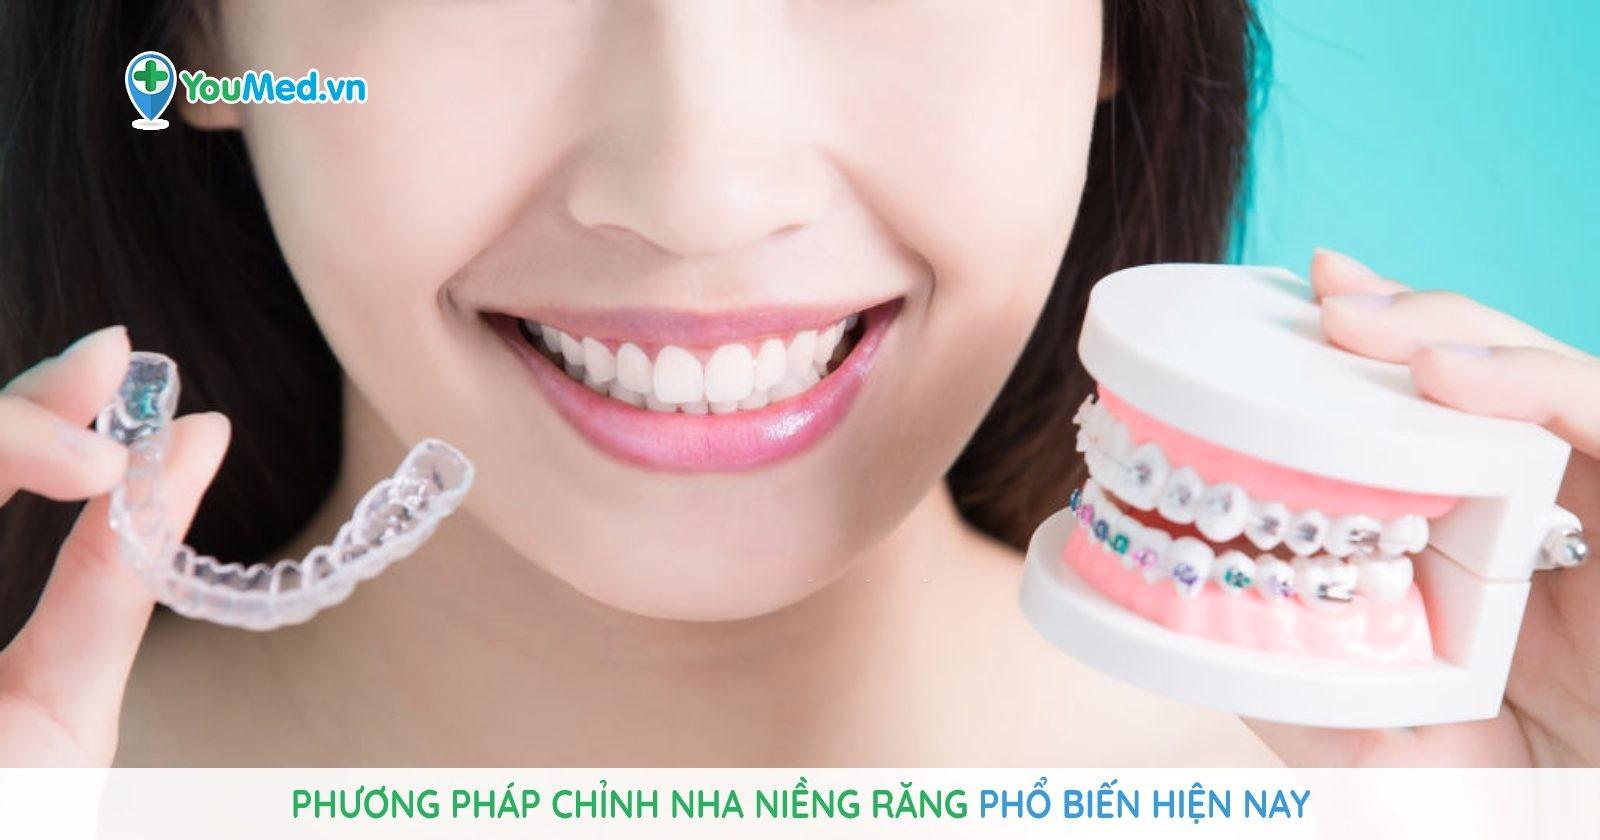 phuong-phap-chinh-nha-nieng-rang-pho-bien-hien-nay